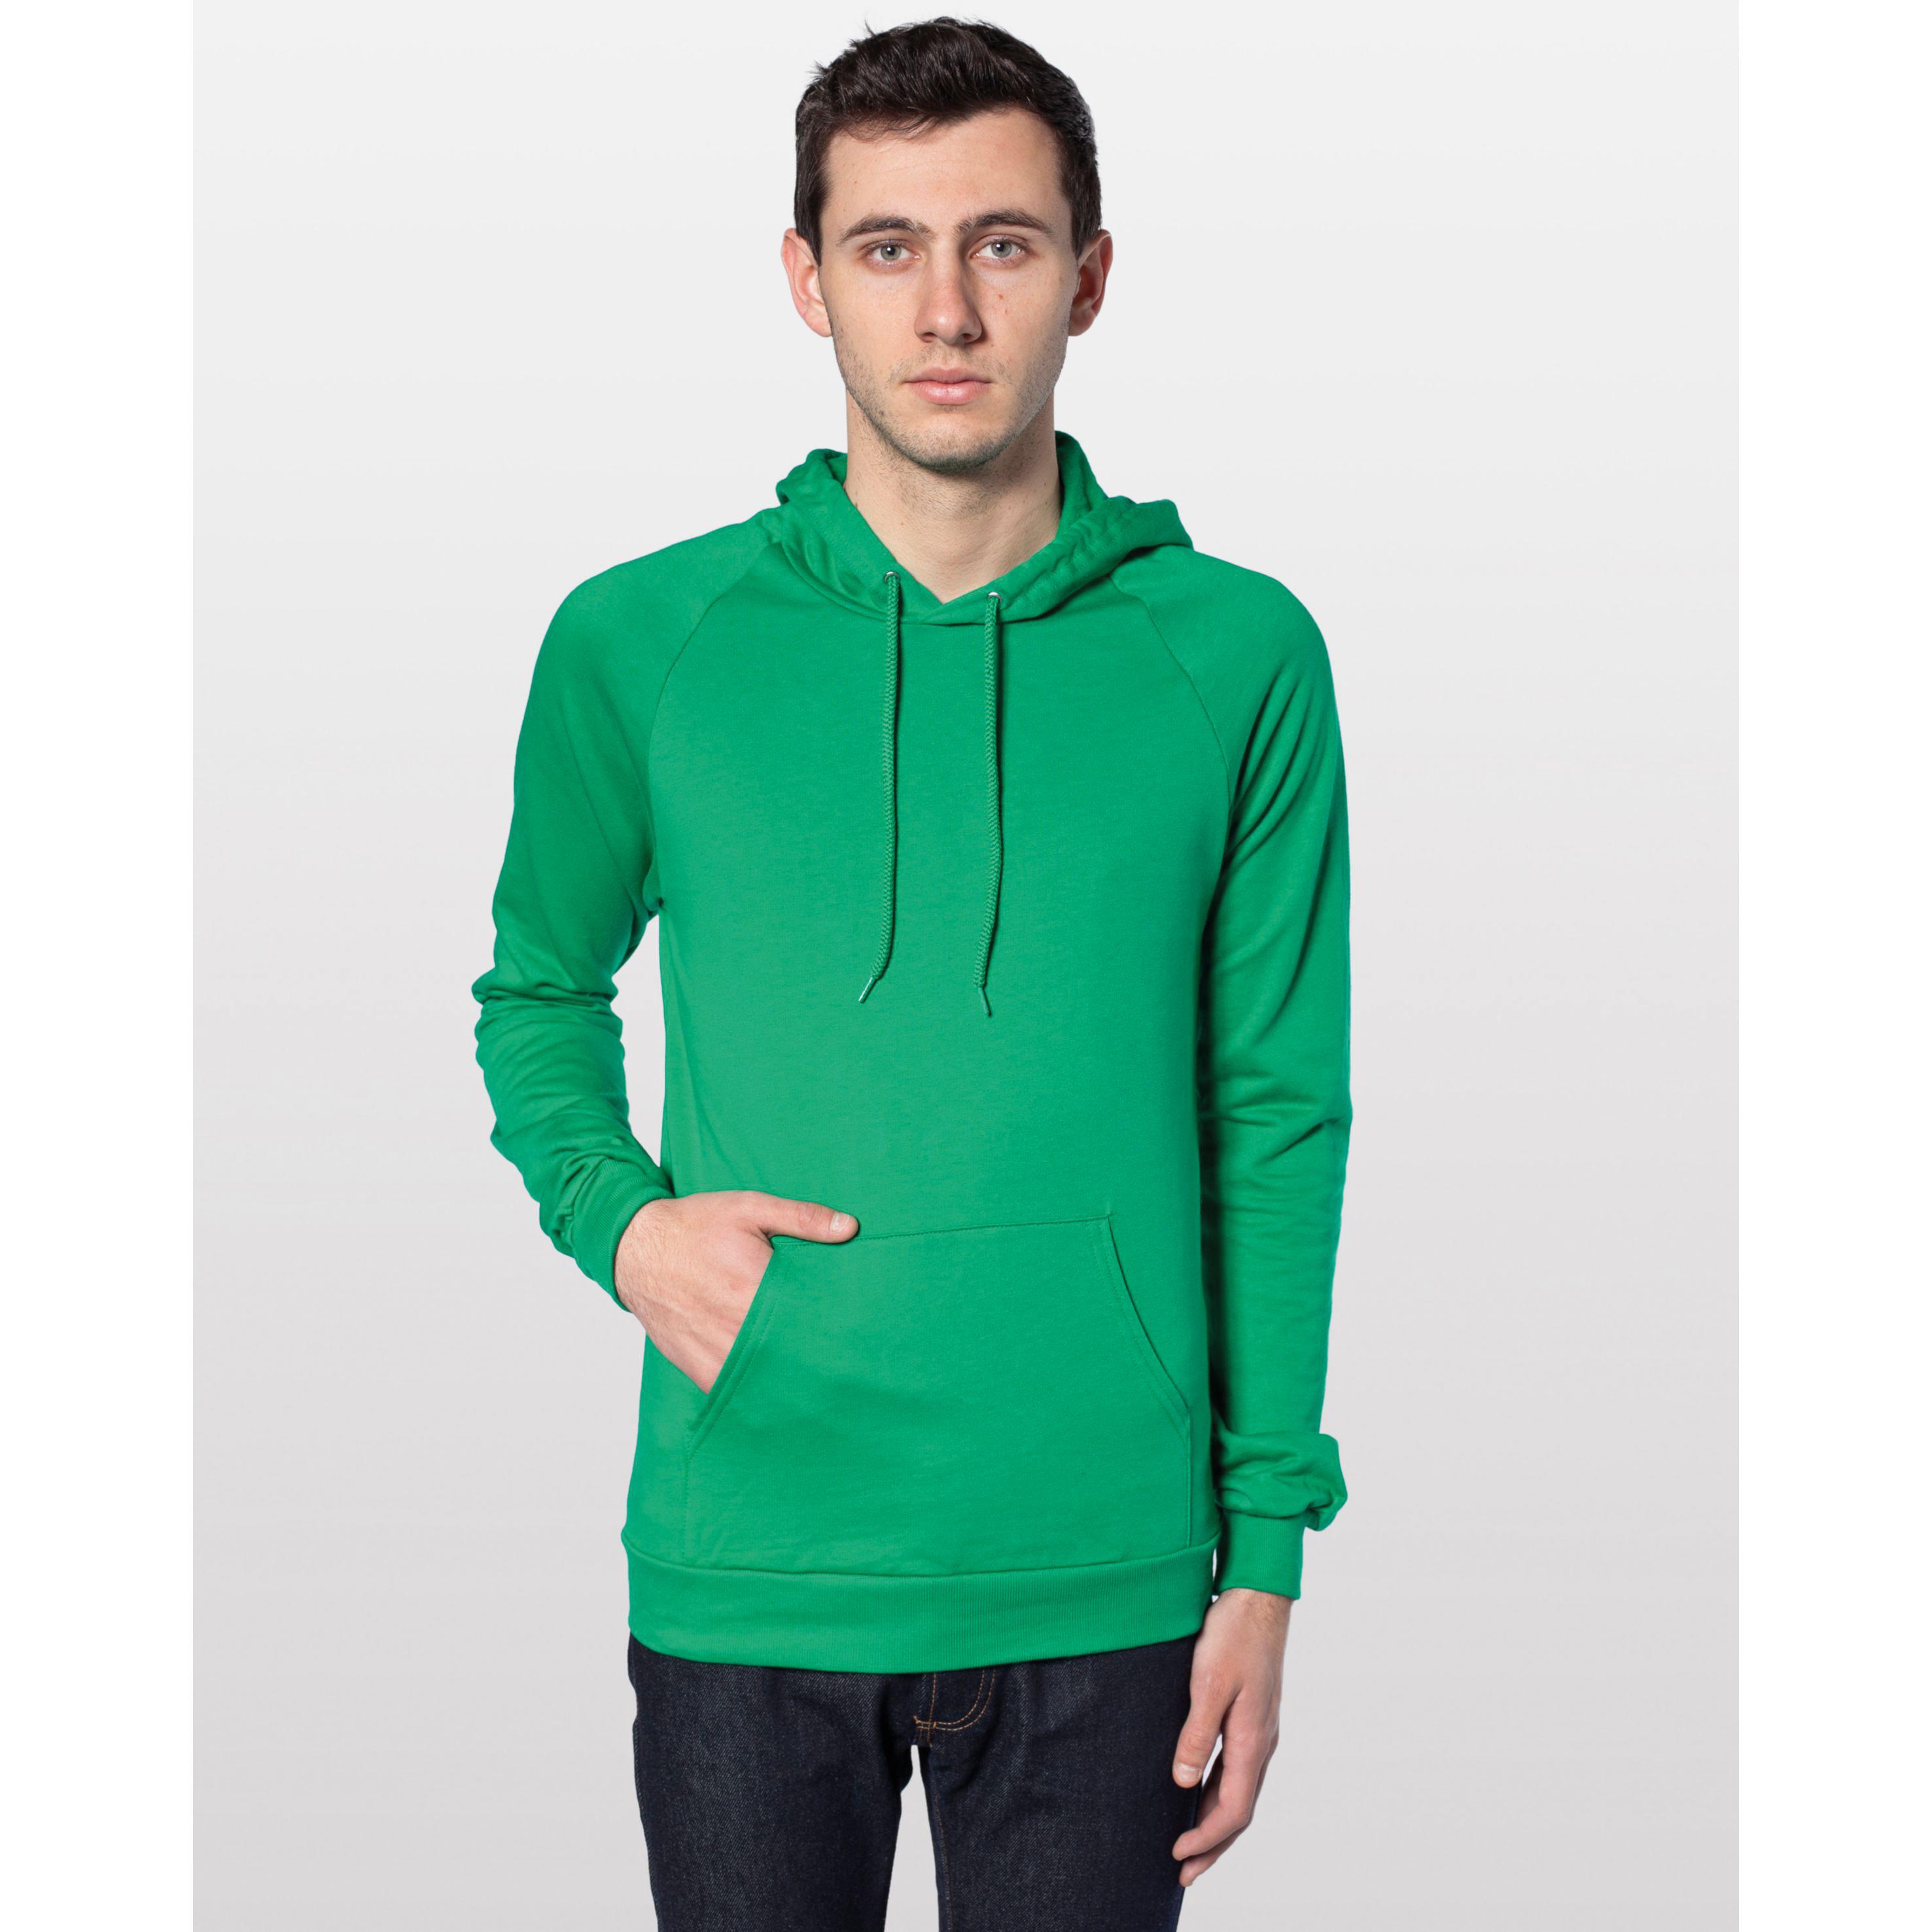 hoodie amercian apparel